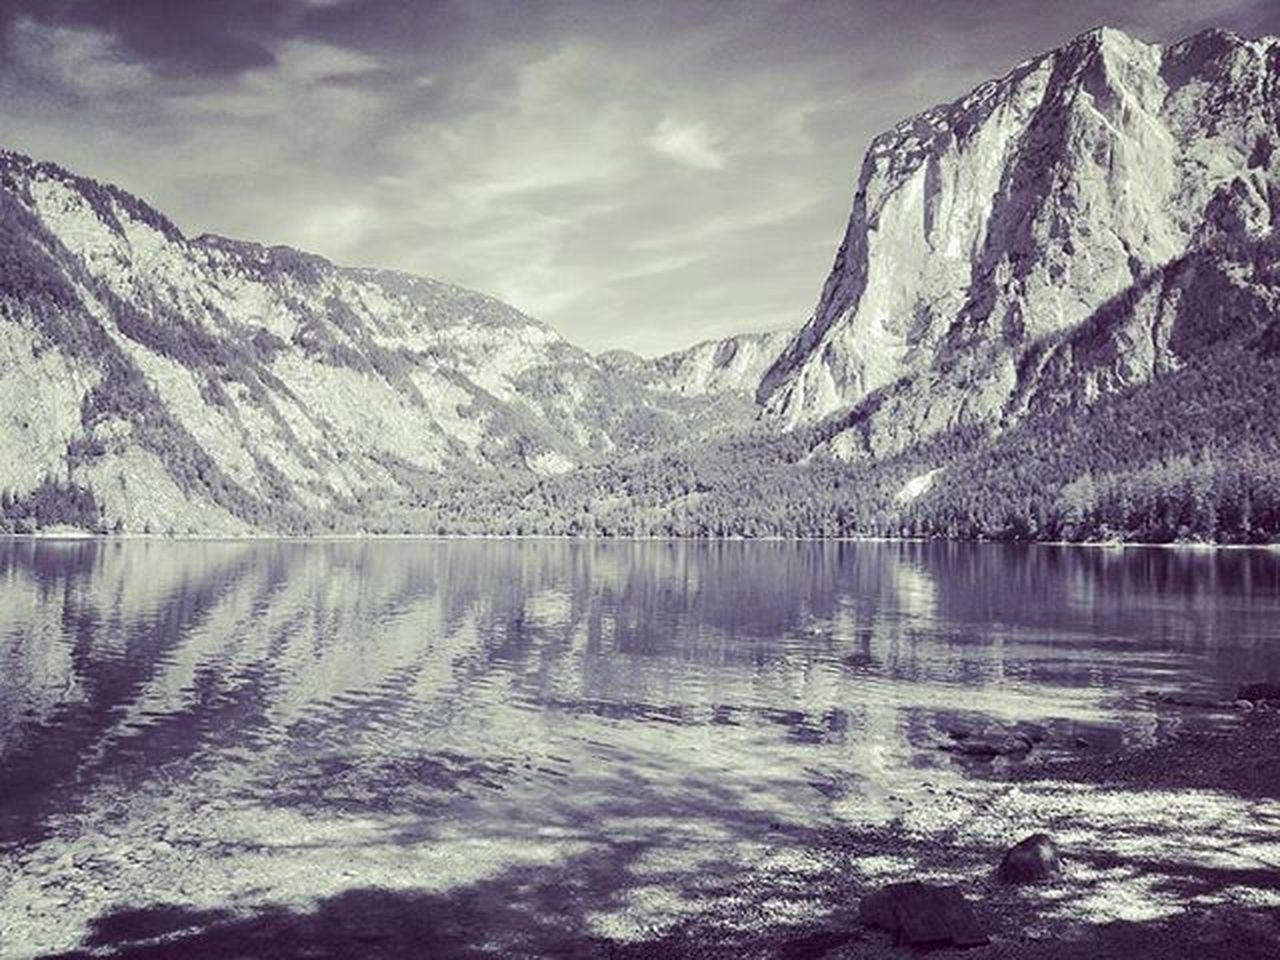 At Lake Mountain Aussee